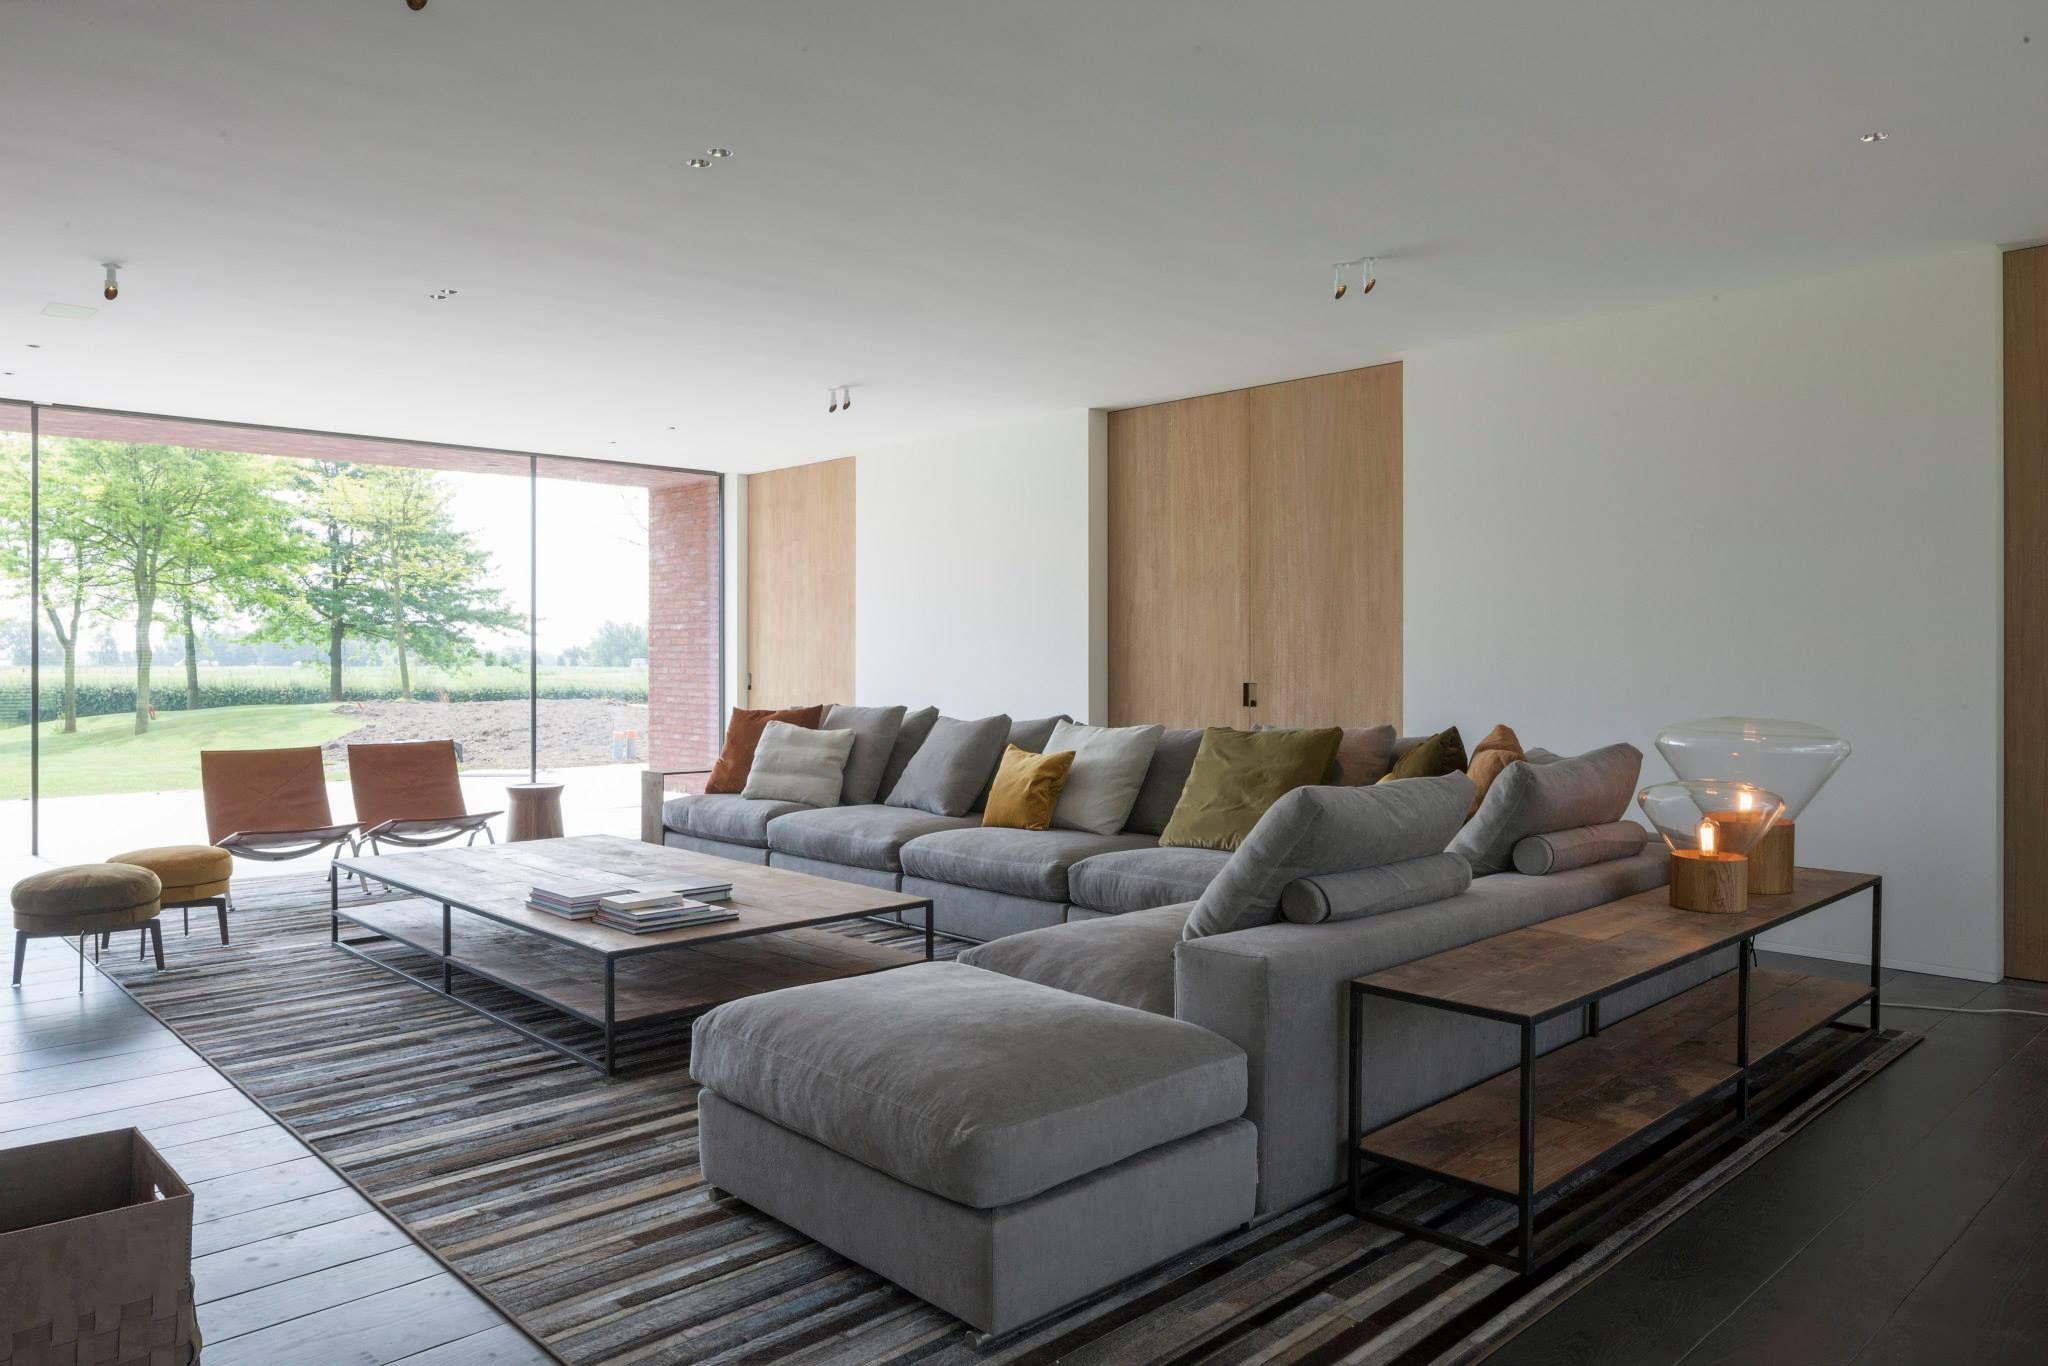 living - canapé ❤️  Decoración hogar, Decoraciones del hogar